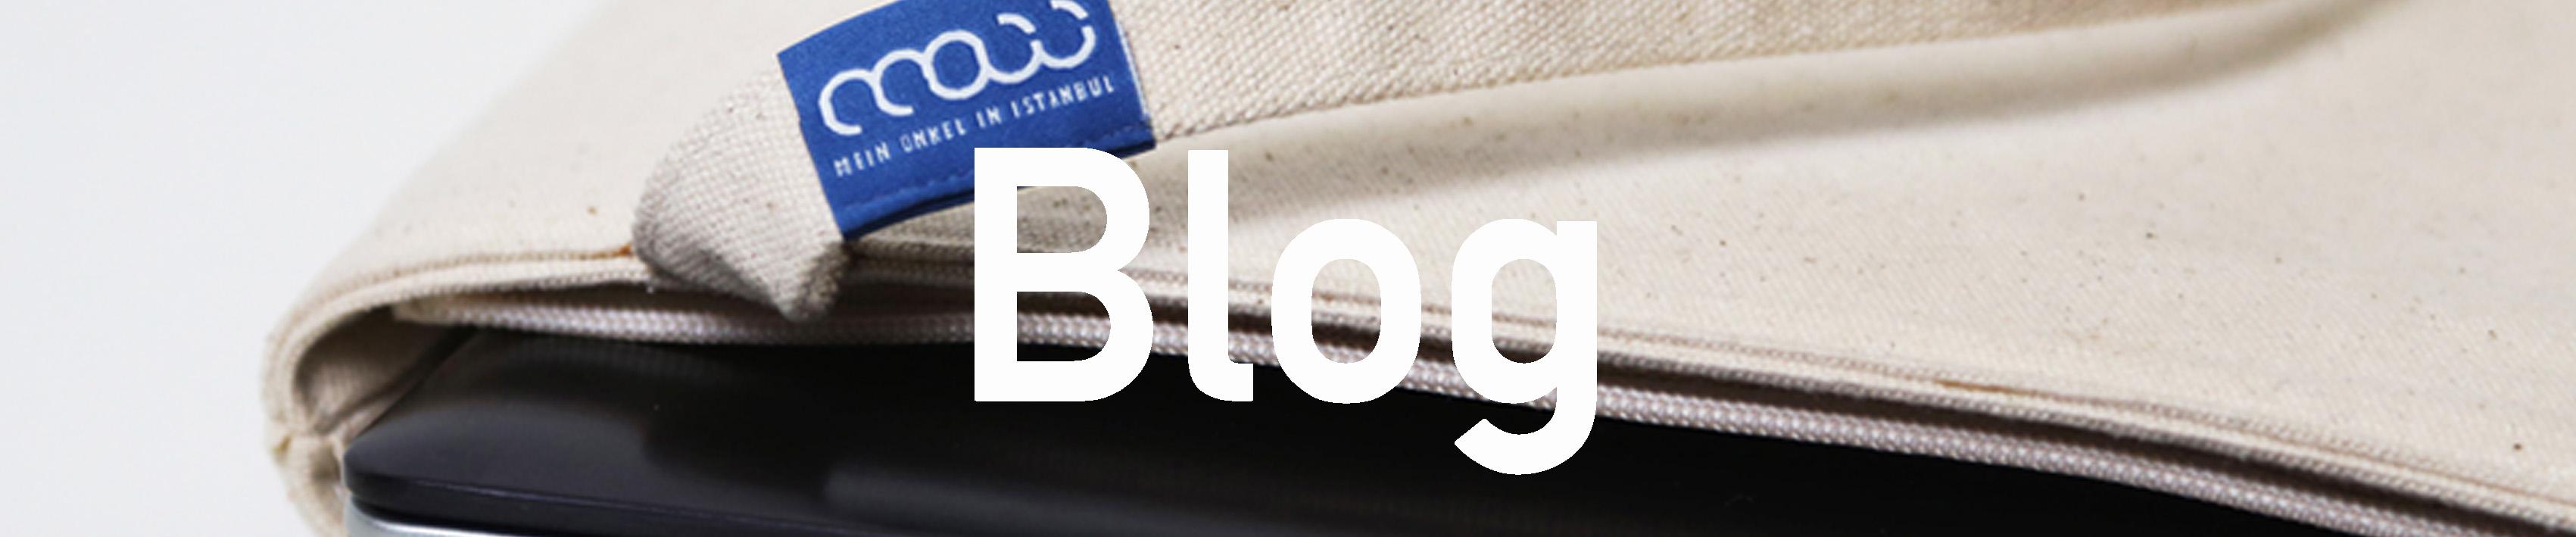 blogslider-moii-b-9